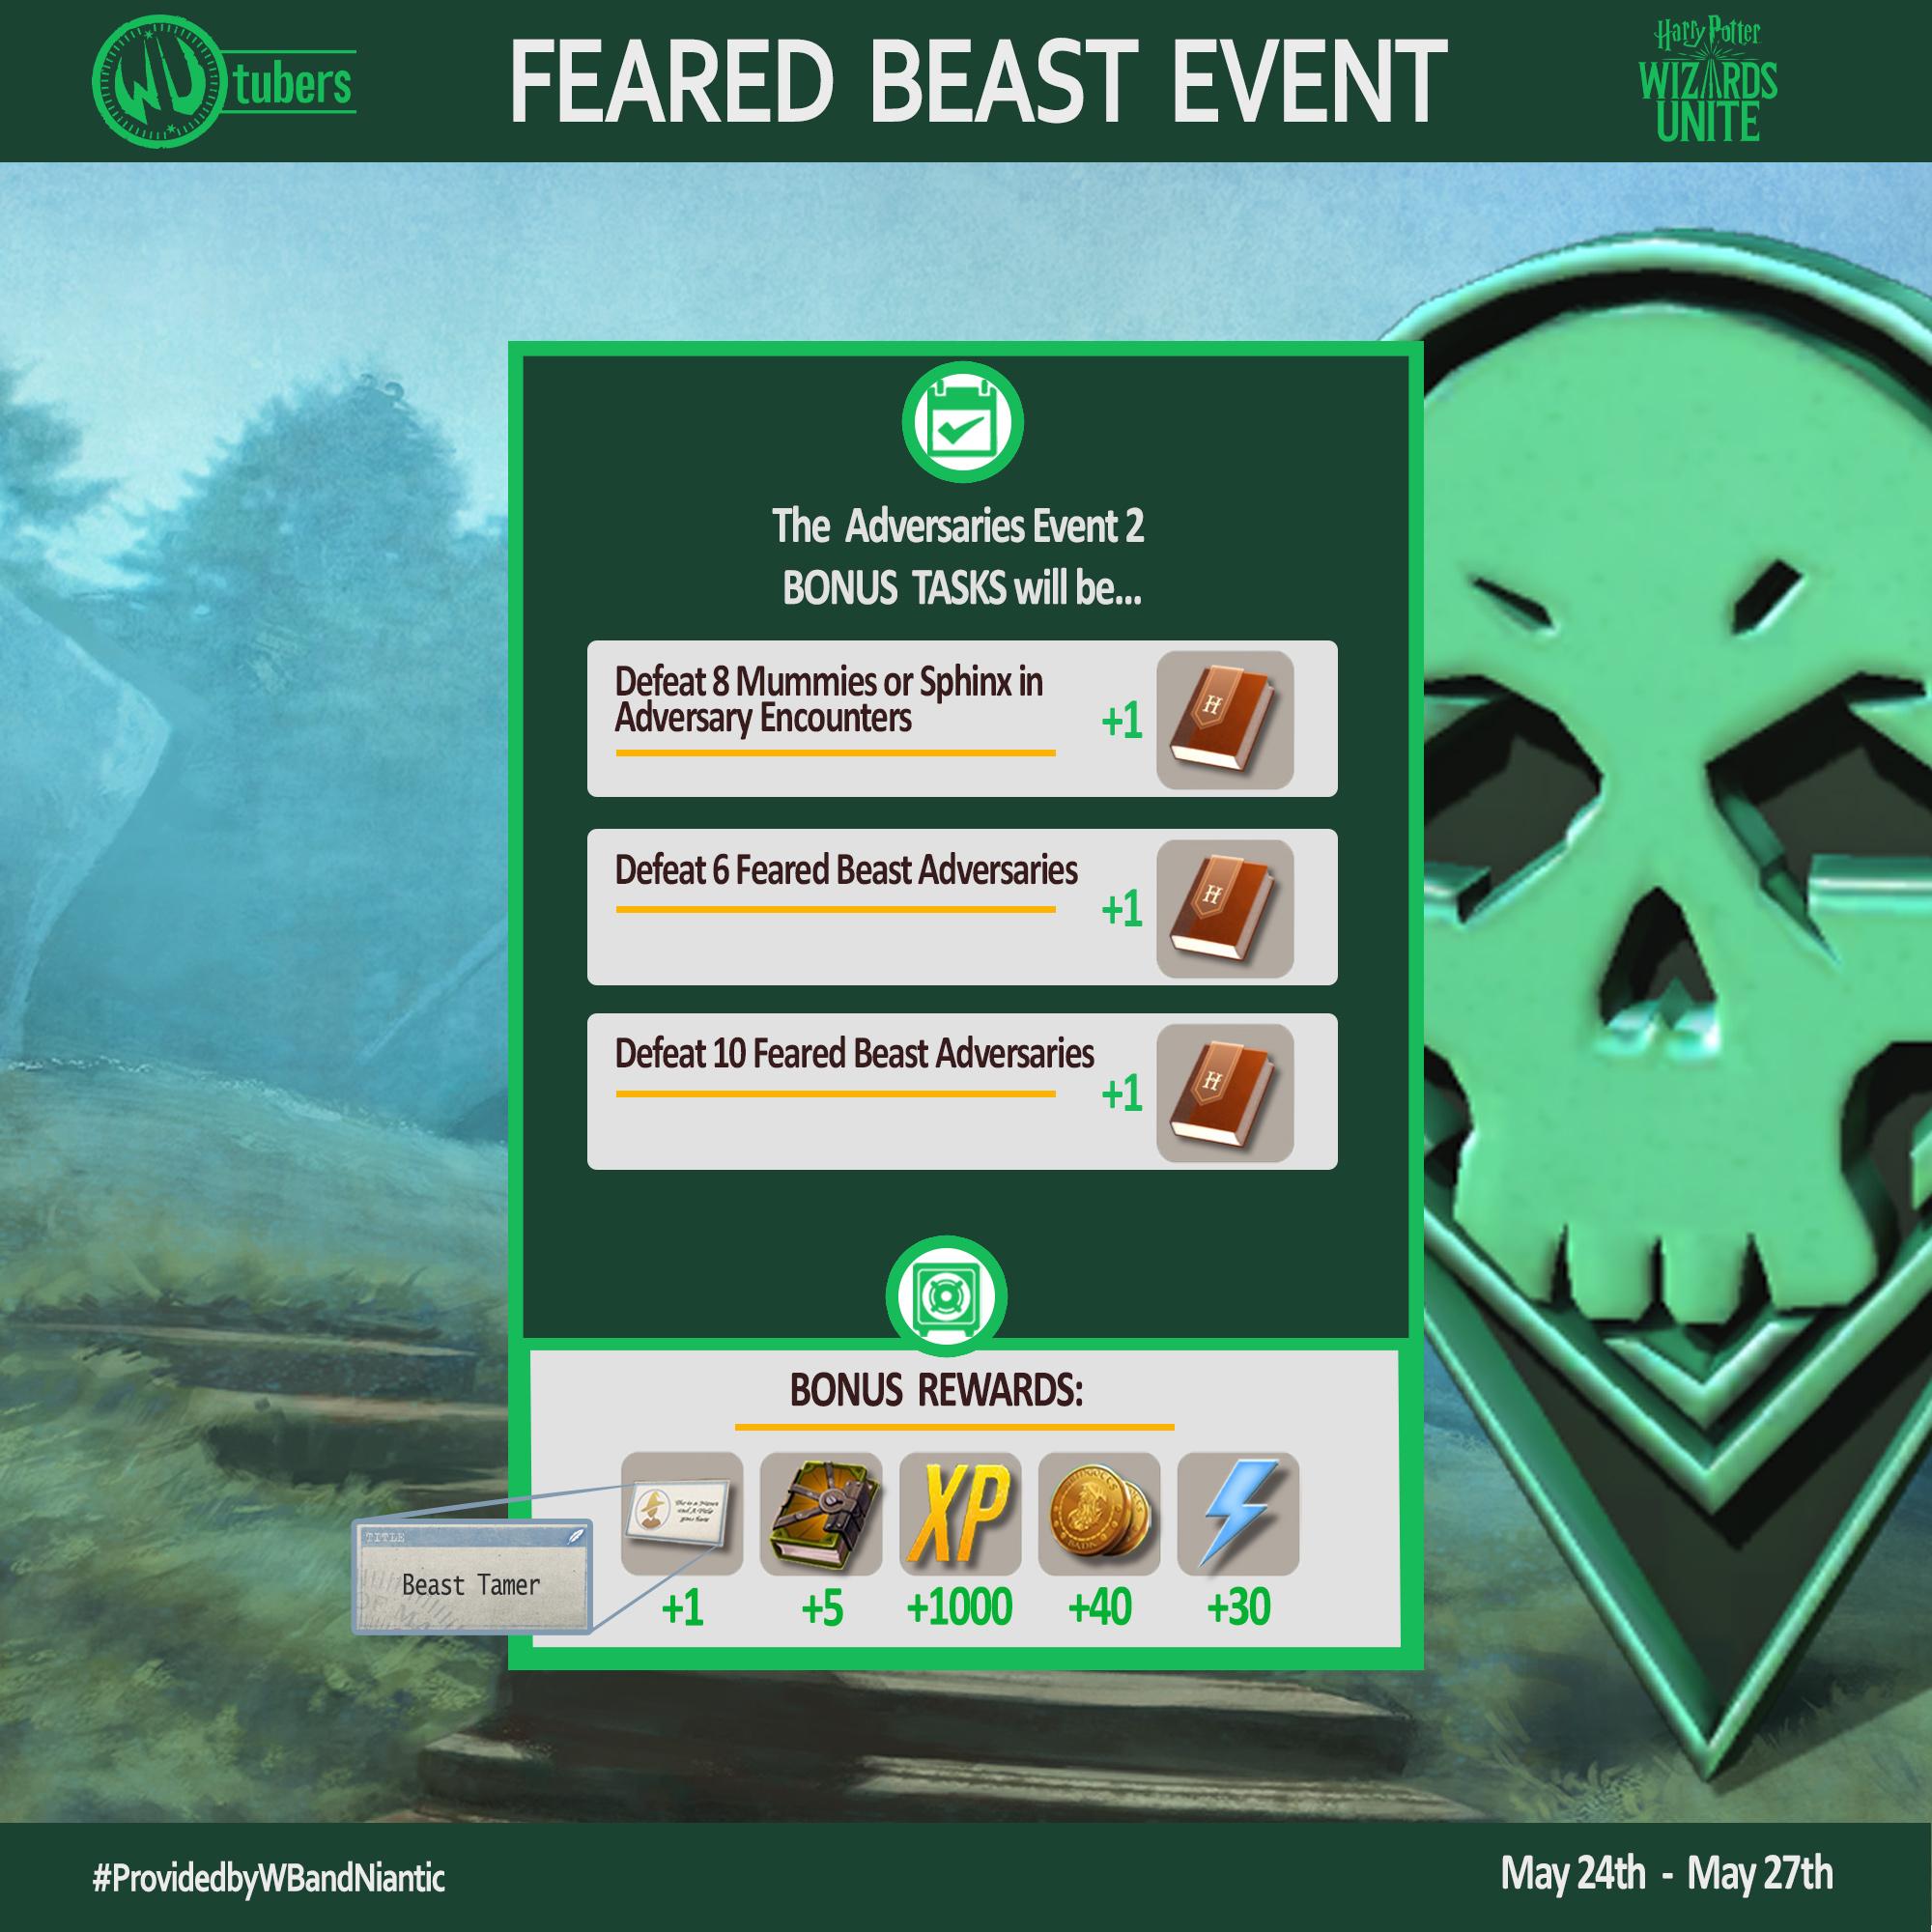 Feared_Beast_Bonus_Tasks.jpg